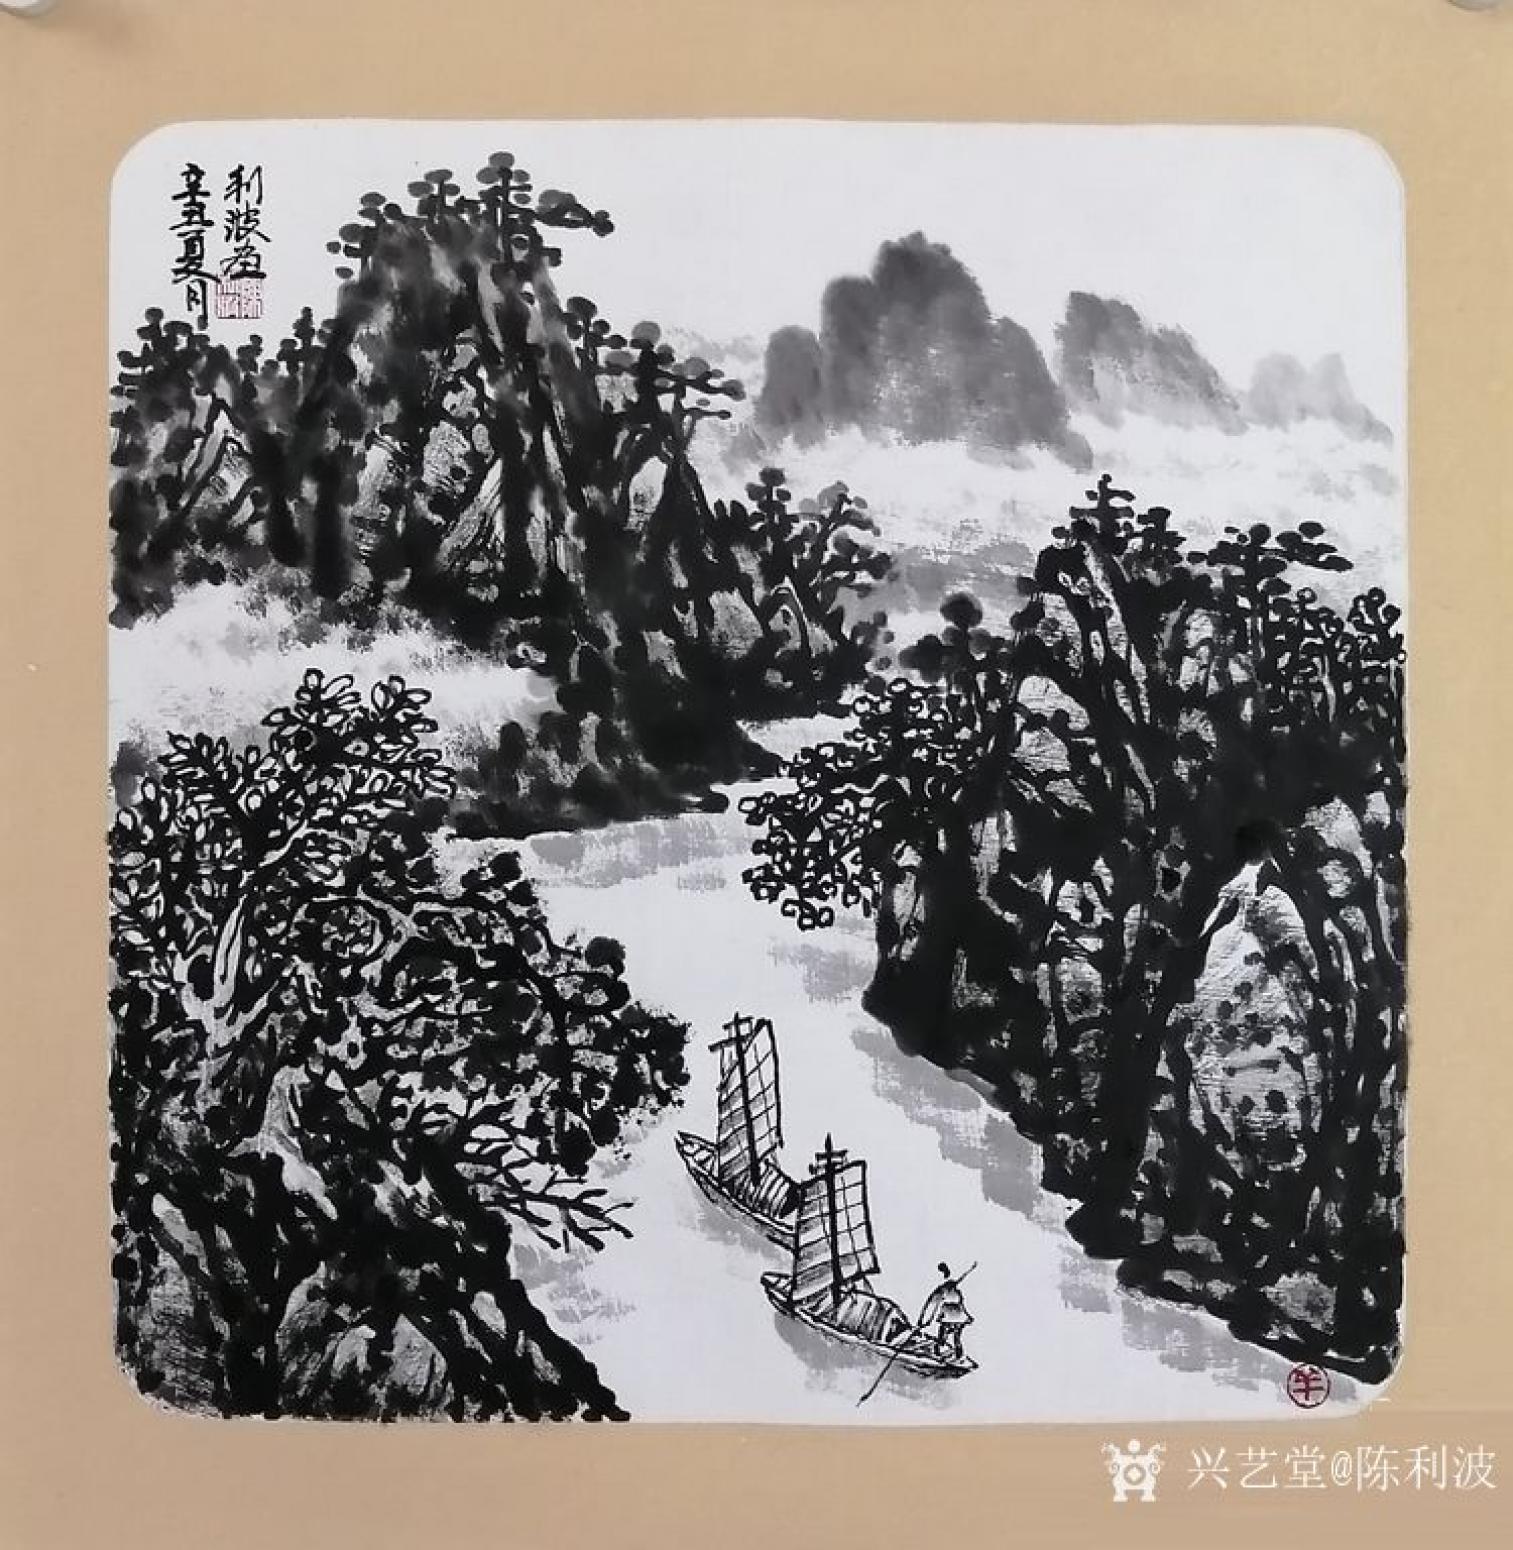 陈利波国画作品《泛舟》